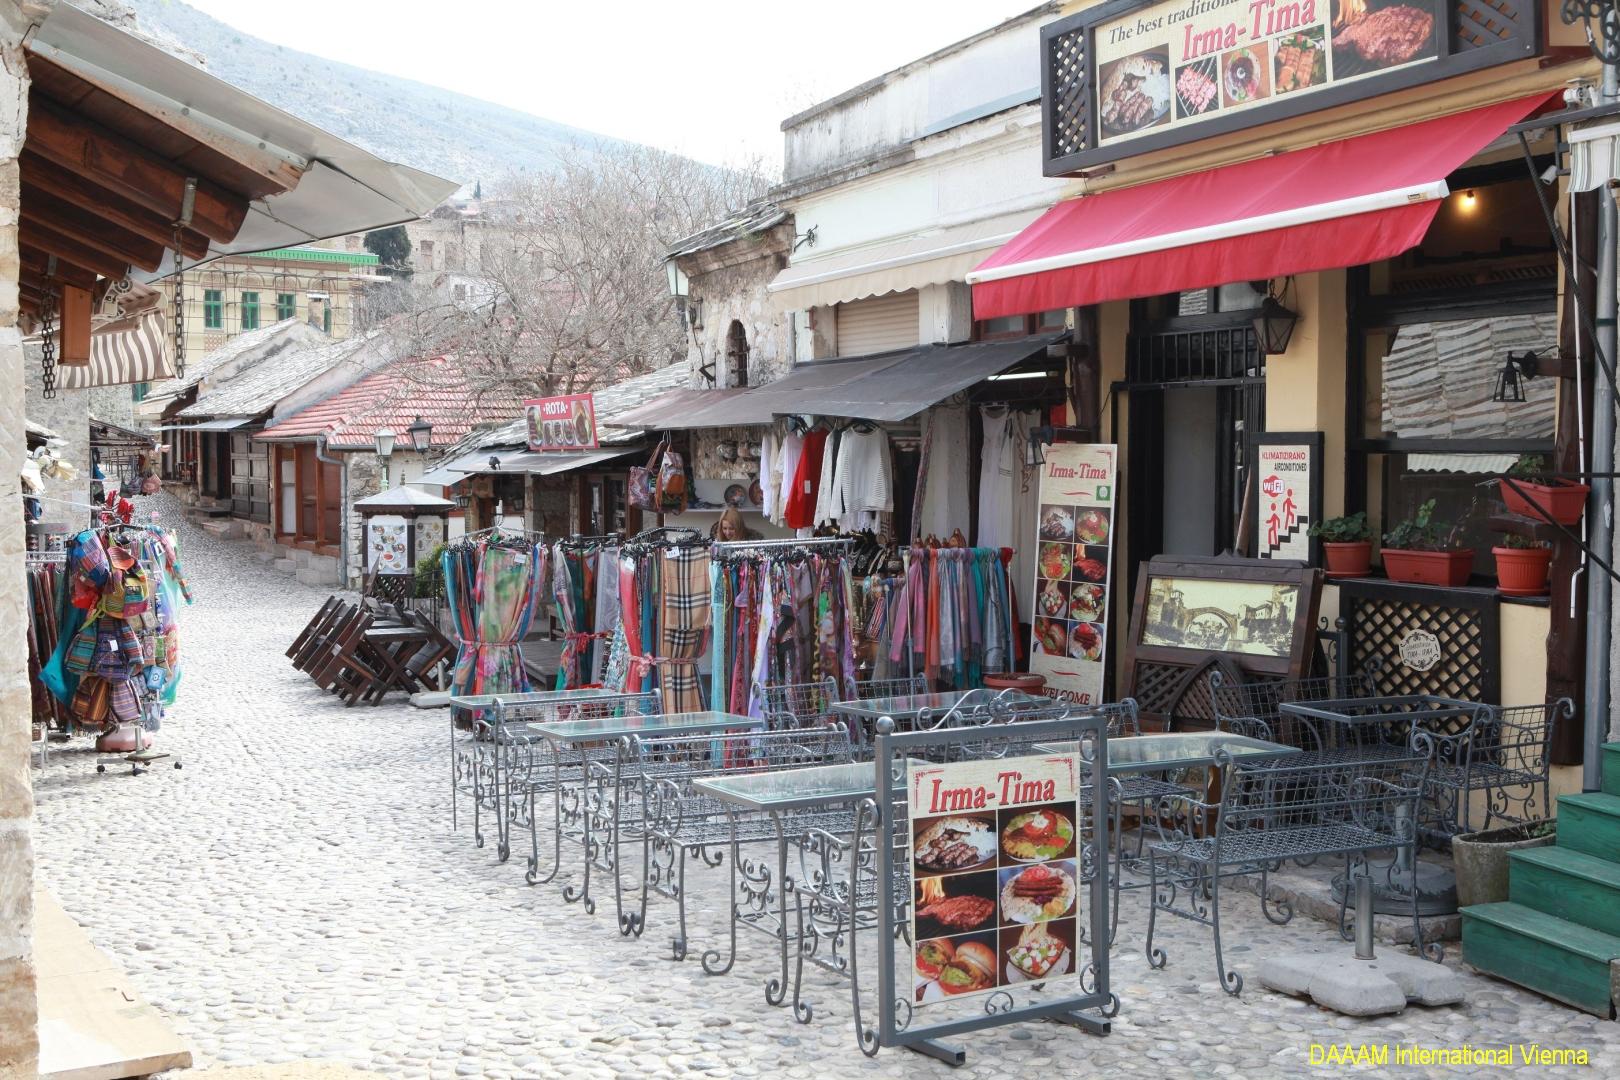 DAAAM_2016_Mostar_01_Magic_City_of_Mostar_020